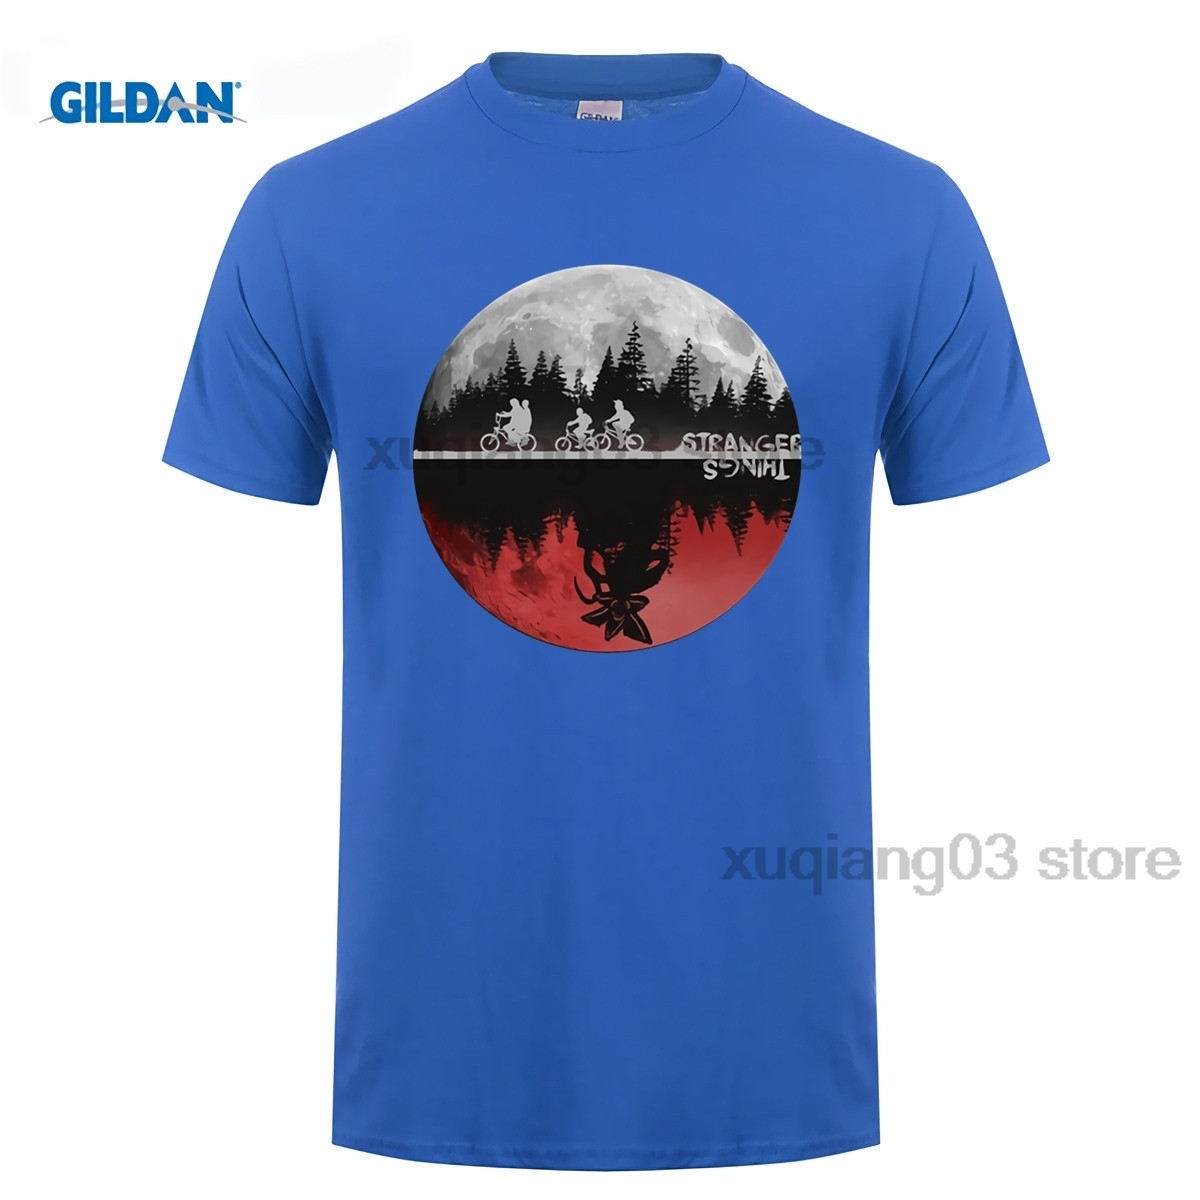 Мерк Kleding футболка Mannen незнакомец Dingen рубашка подарок принт Aangepaste Korte Топы Volwassen плюс Размеры